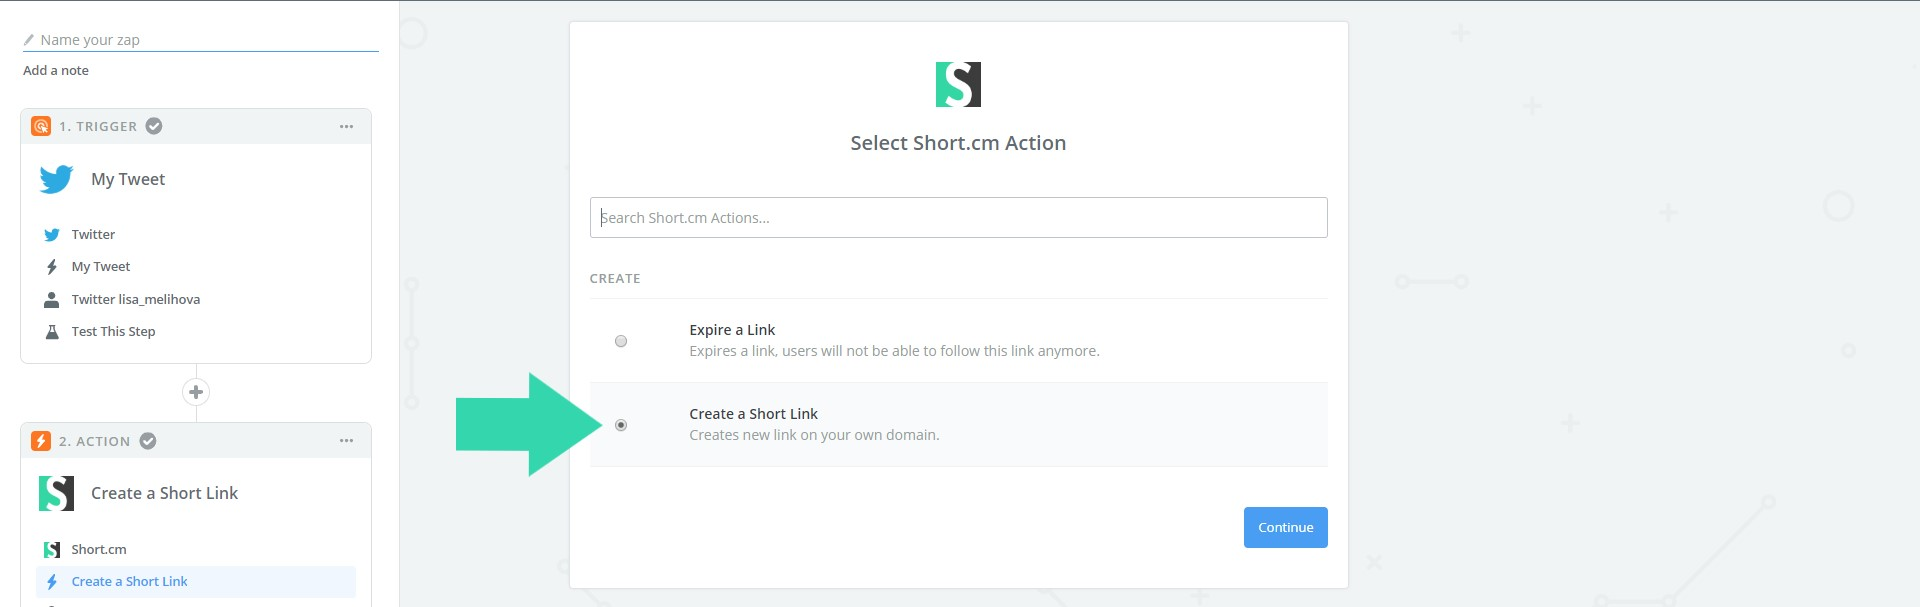 create-link.jpg